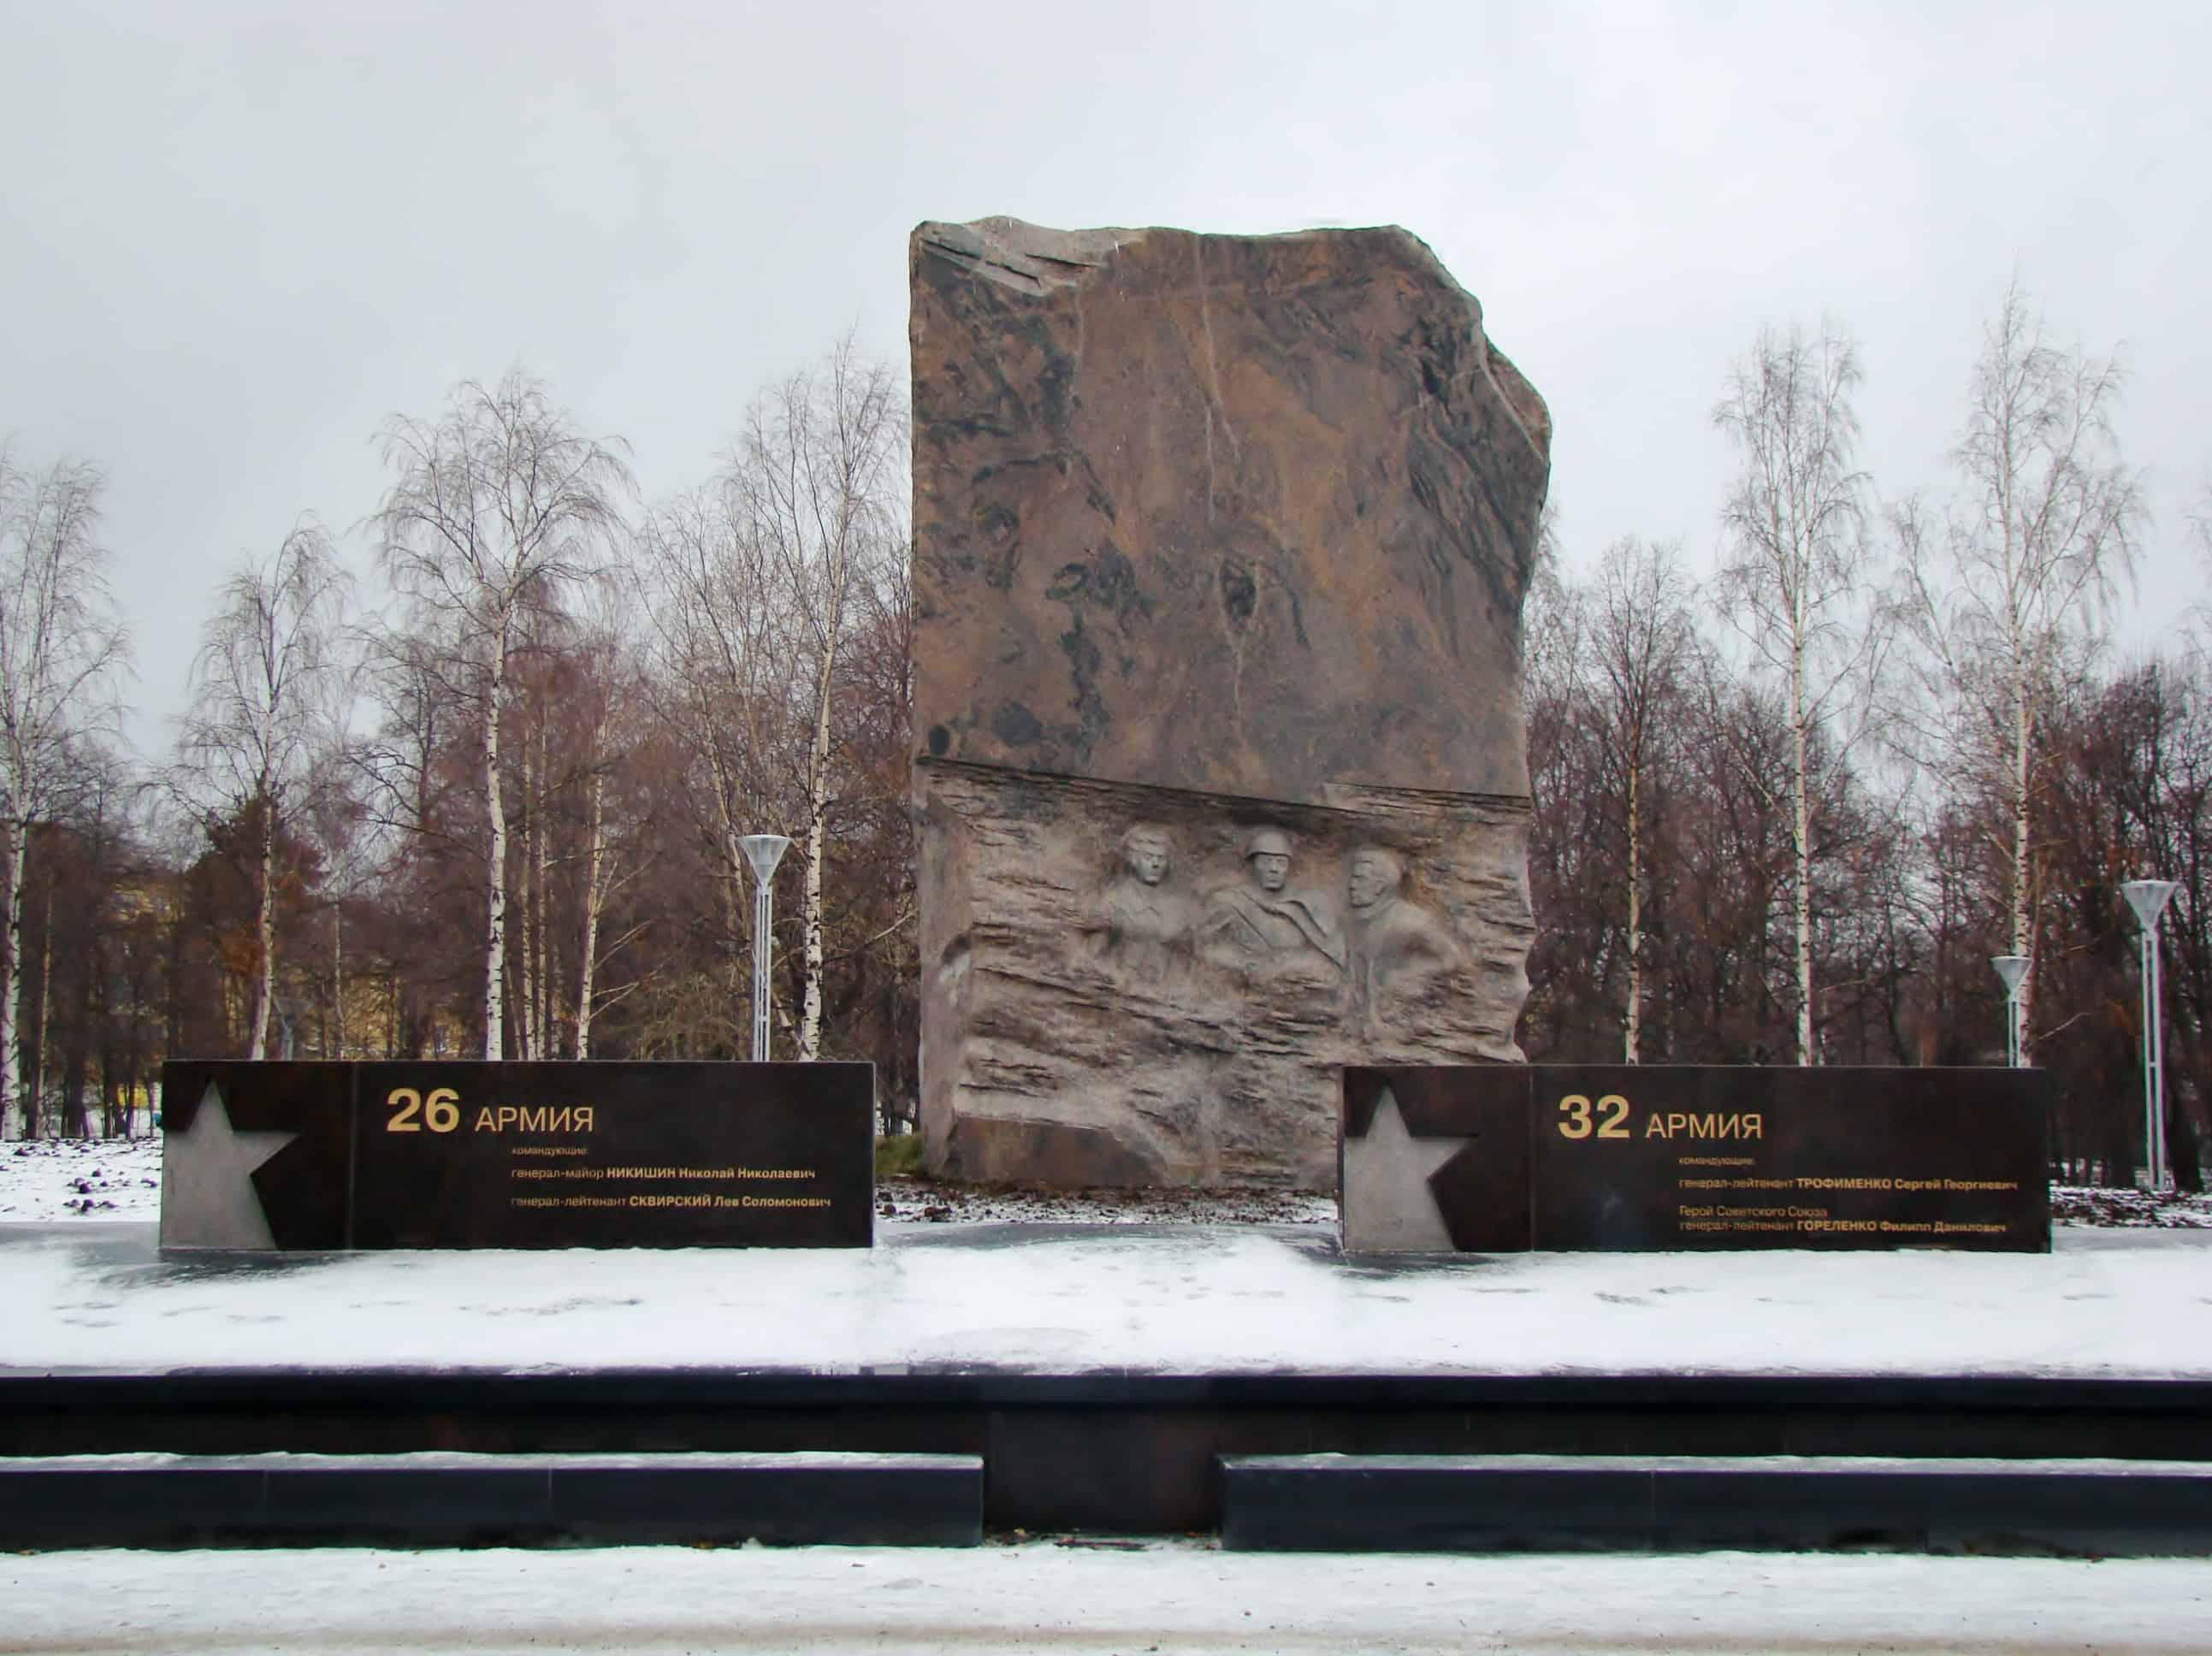 Памятник для будущих поколений